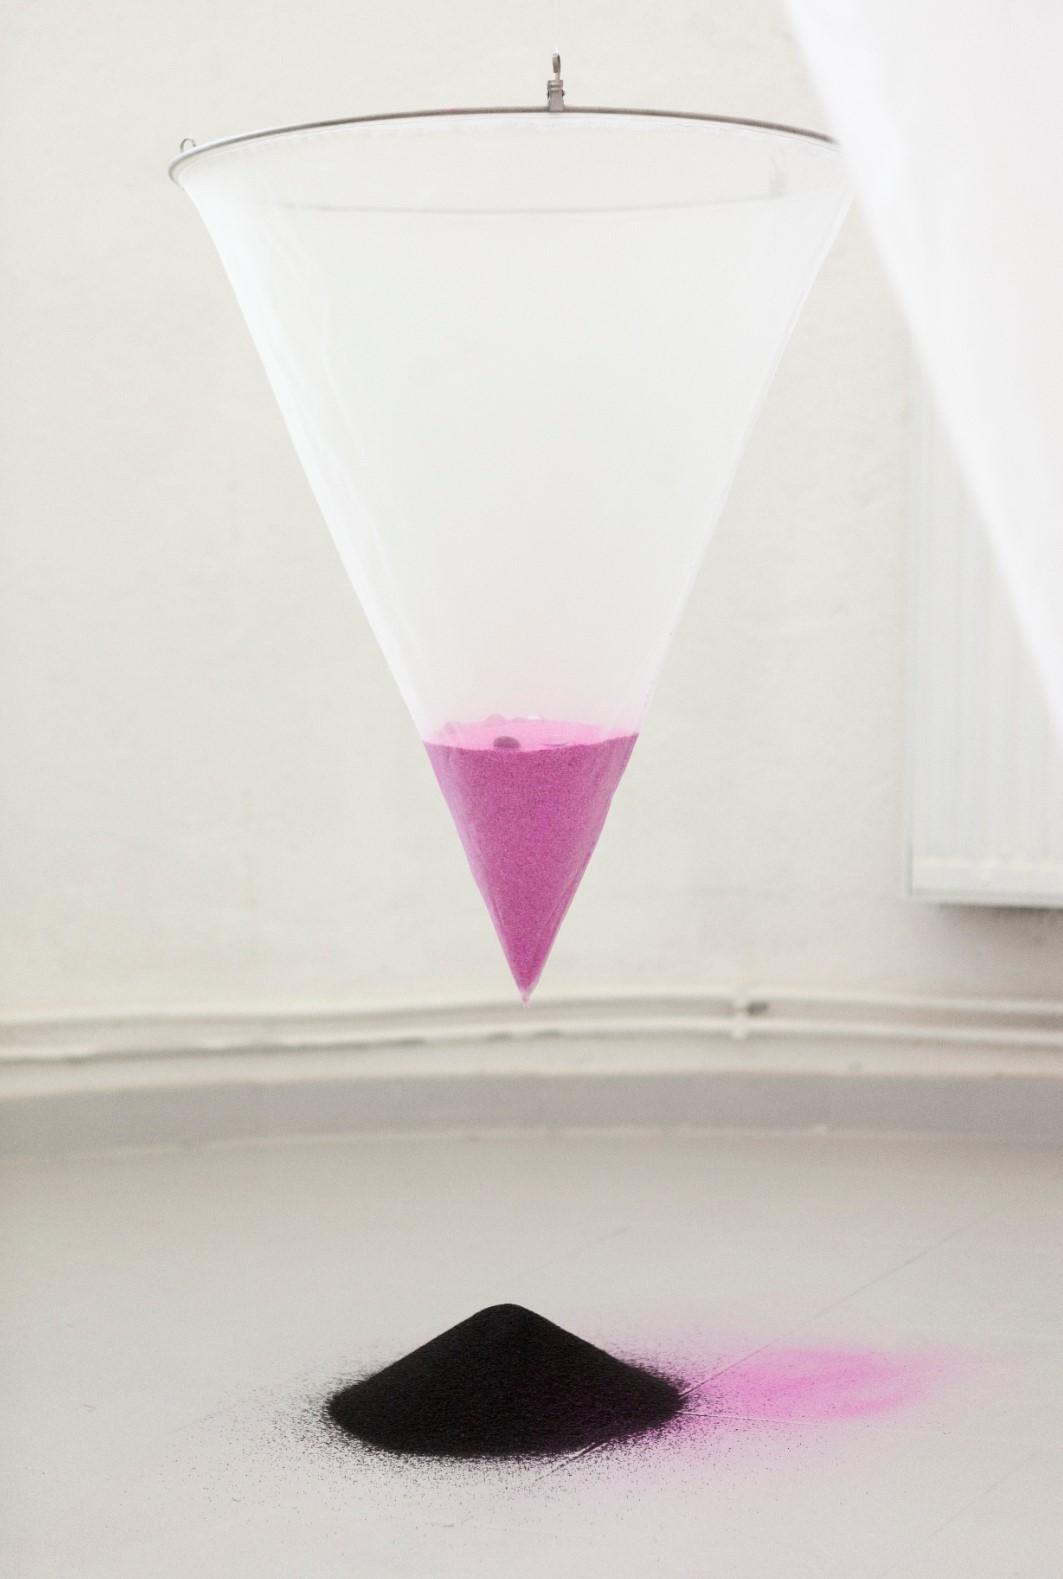 Hana Hazem - The Closet - mixed Media Installation, Siebe, Glitzer, Sand, Faden - 2021(1)